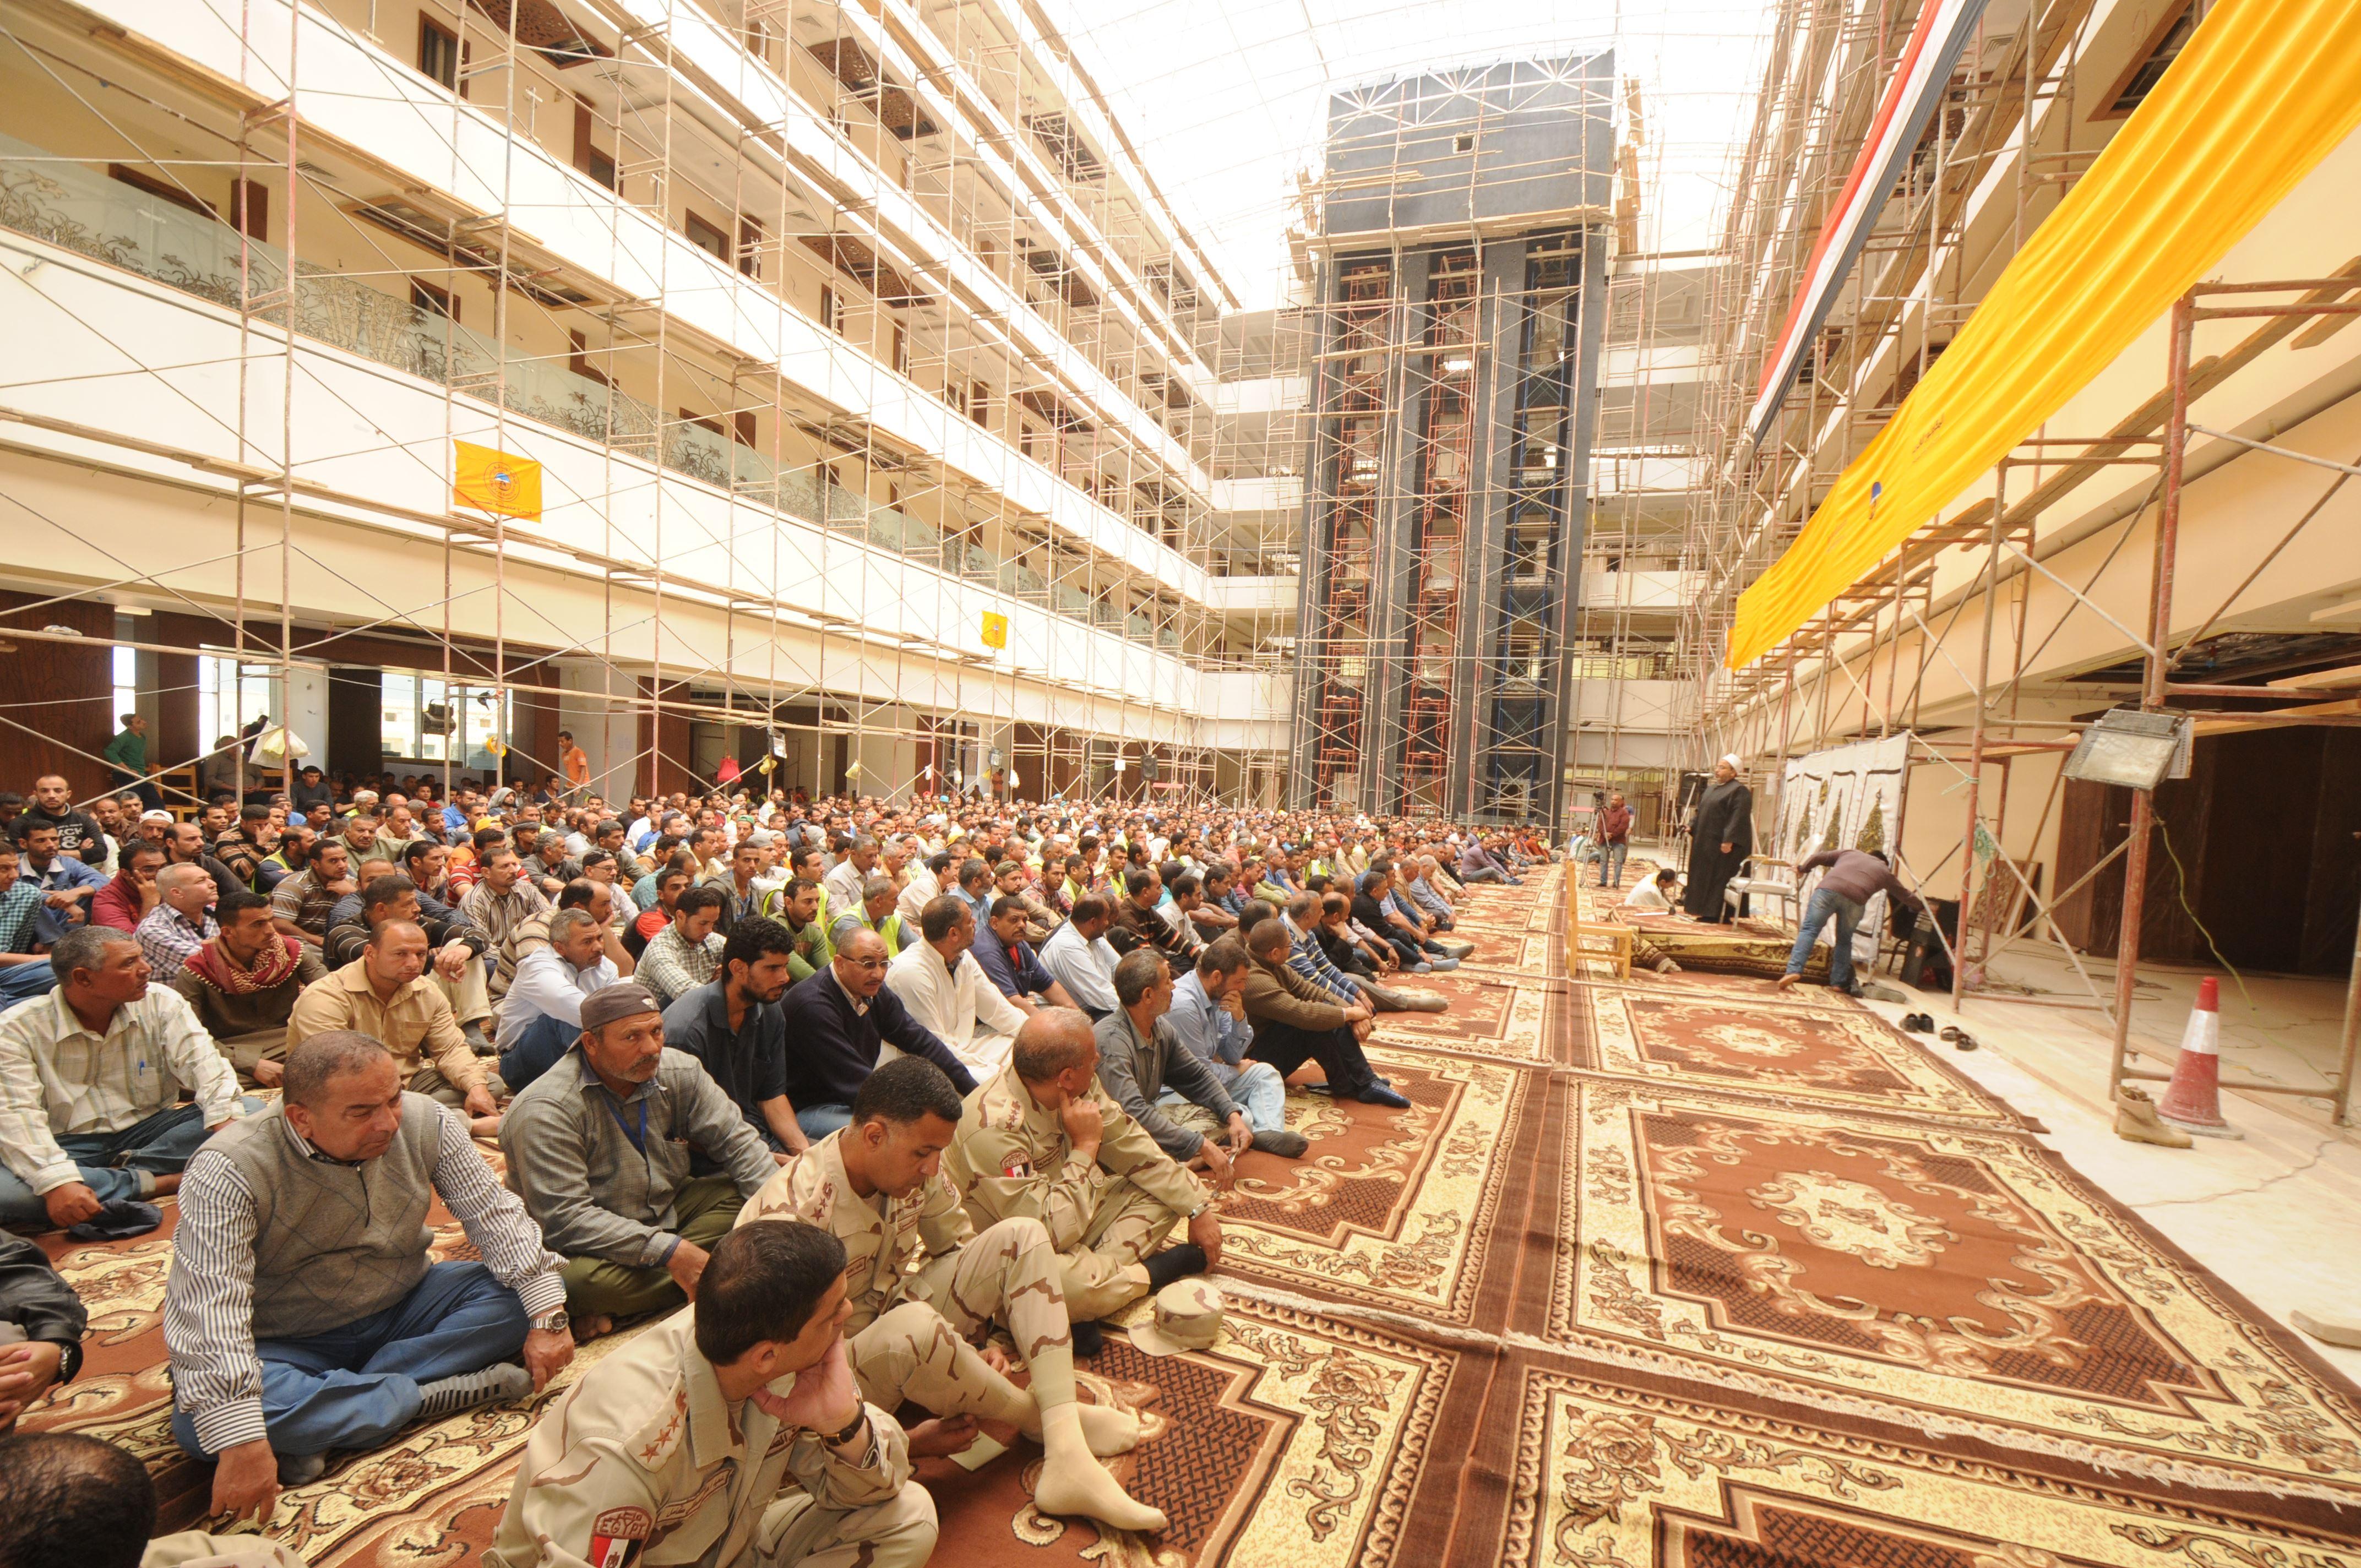 قيادات الهيئة الهندسية والمقاولون العرب يؤدون صلاة الجمعة (3)